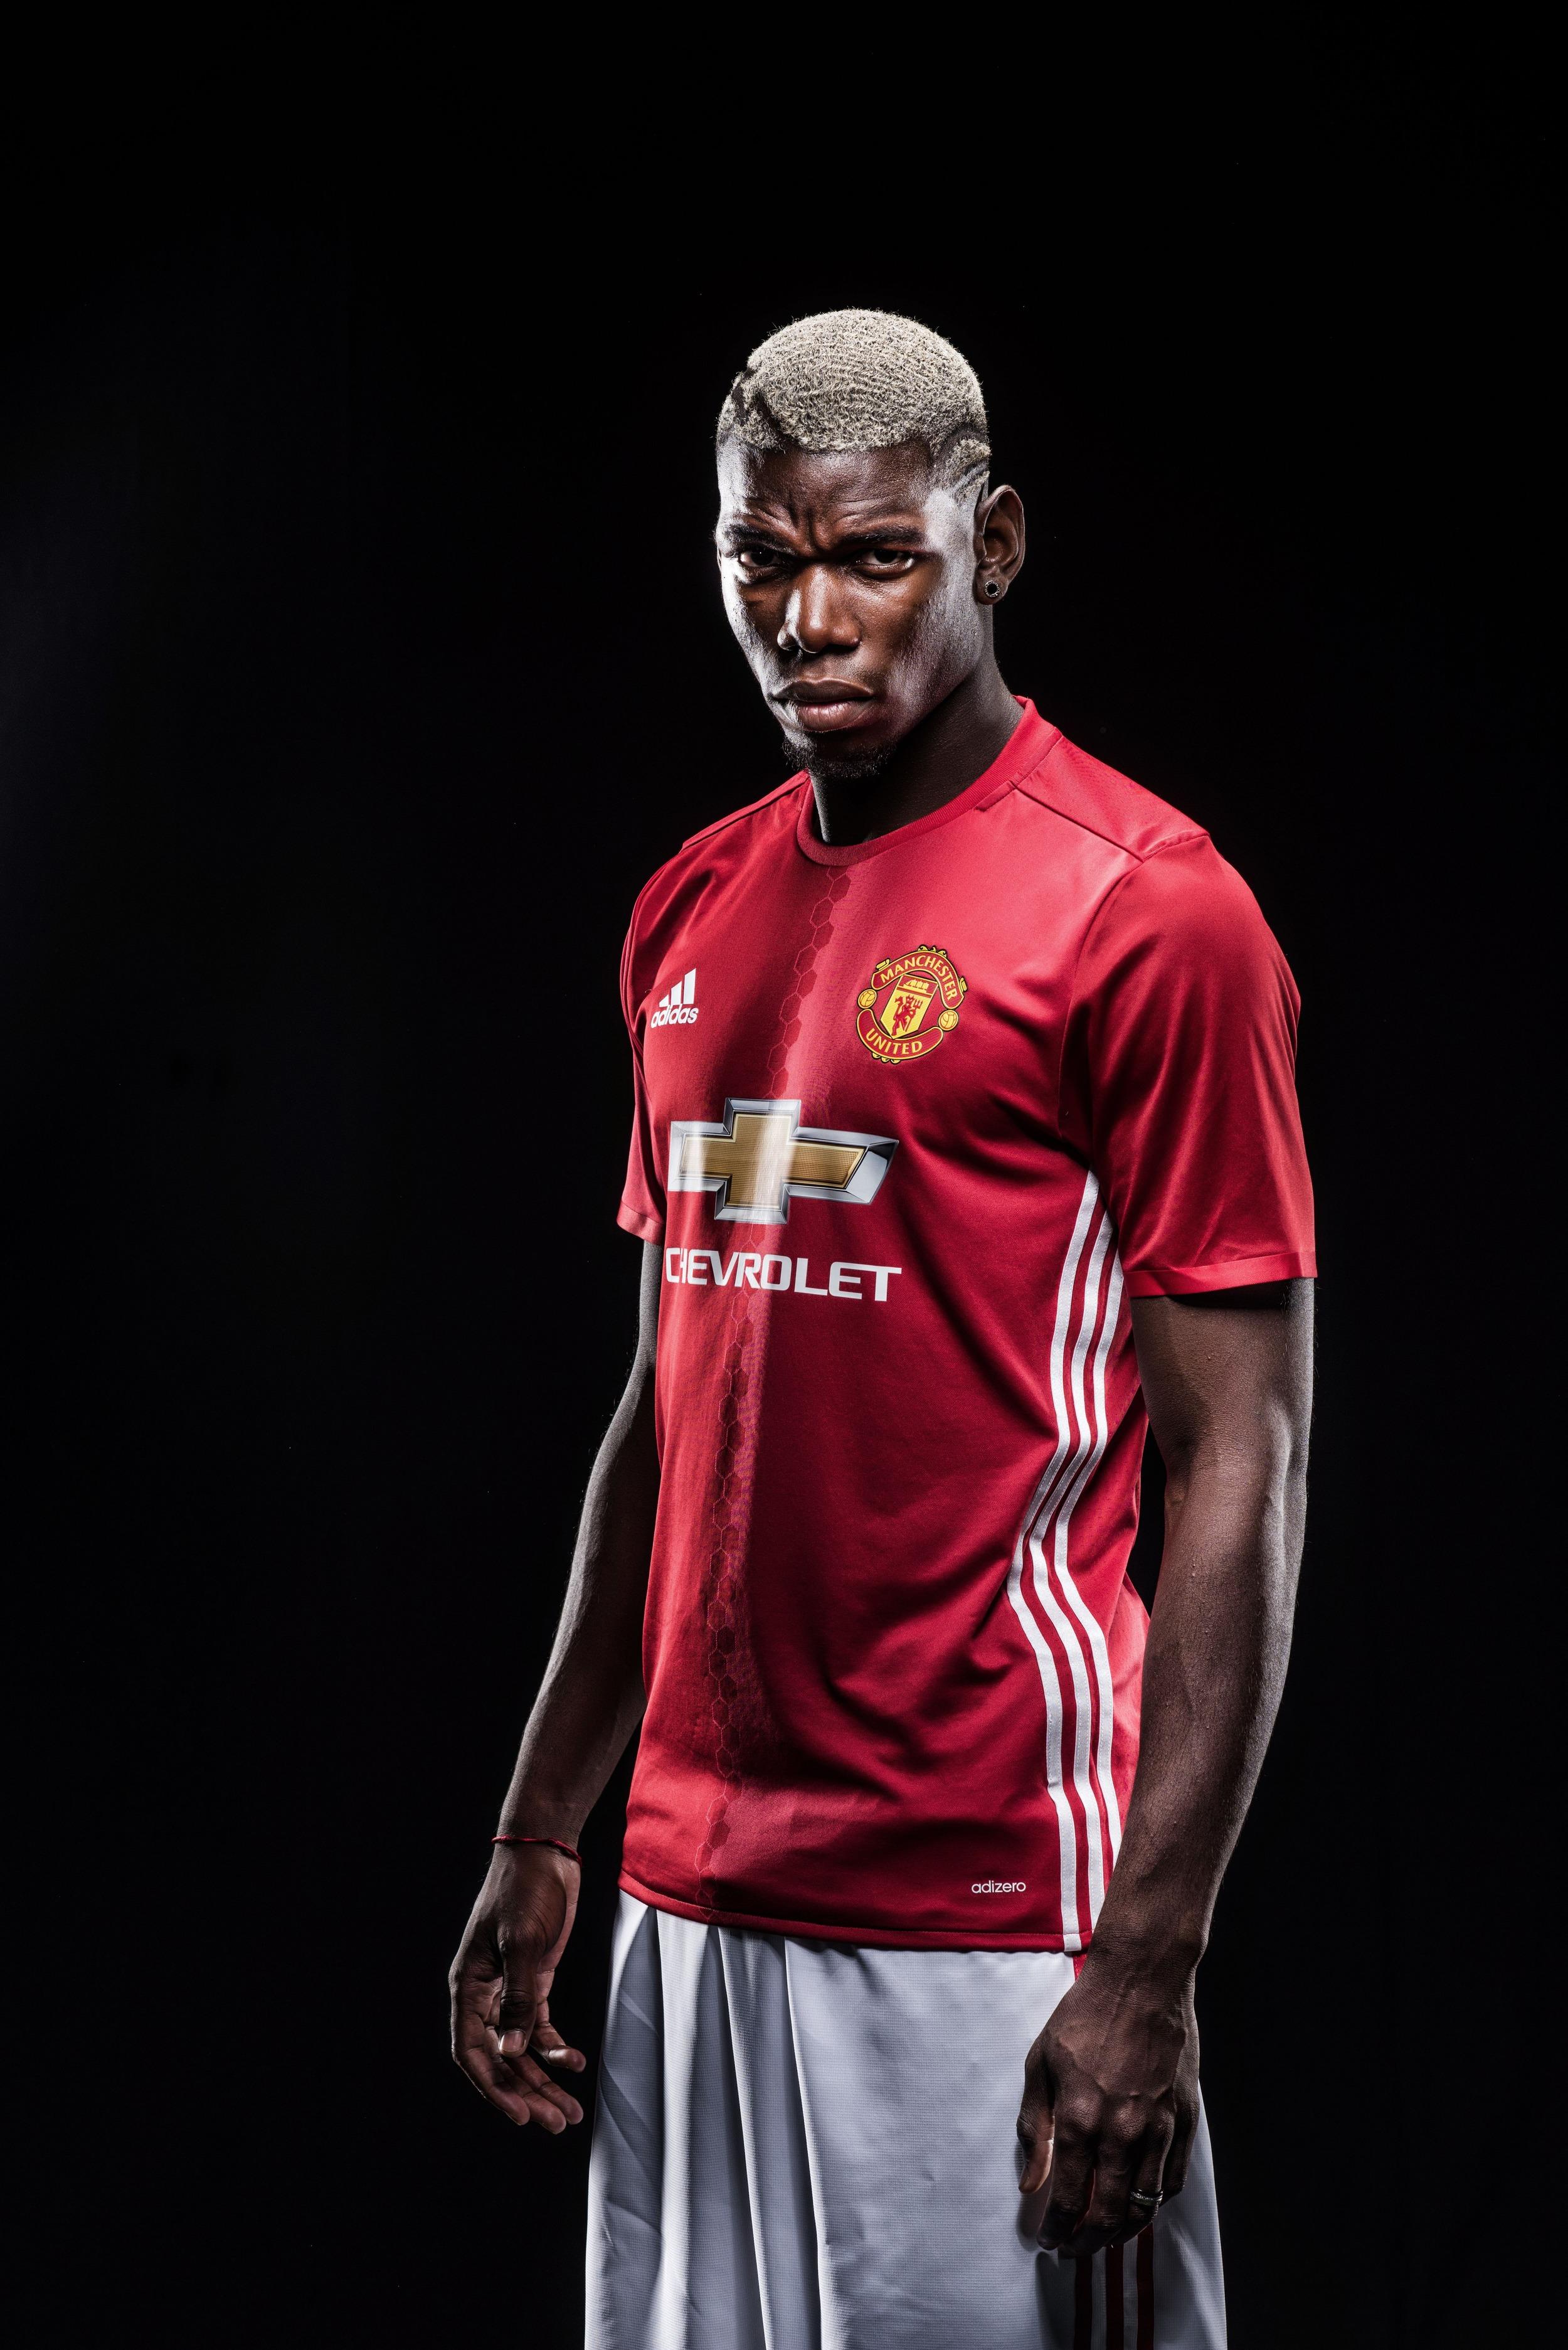 Billeder som disse fra Manchester Uniteds egne optagelser er en del af iscenesættelsen og ikoniseringen af Paul Pogba. Foto: Getty Images/Manchester United